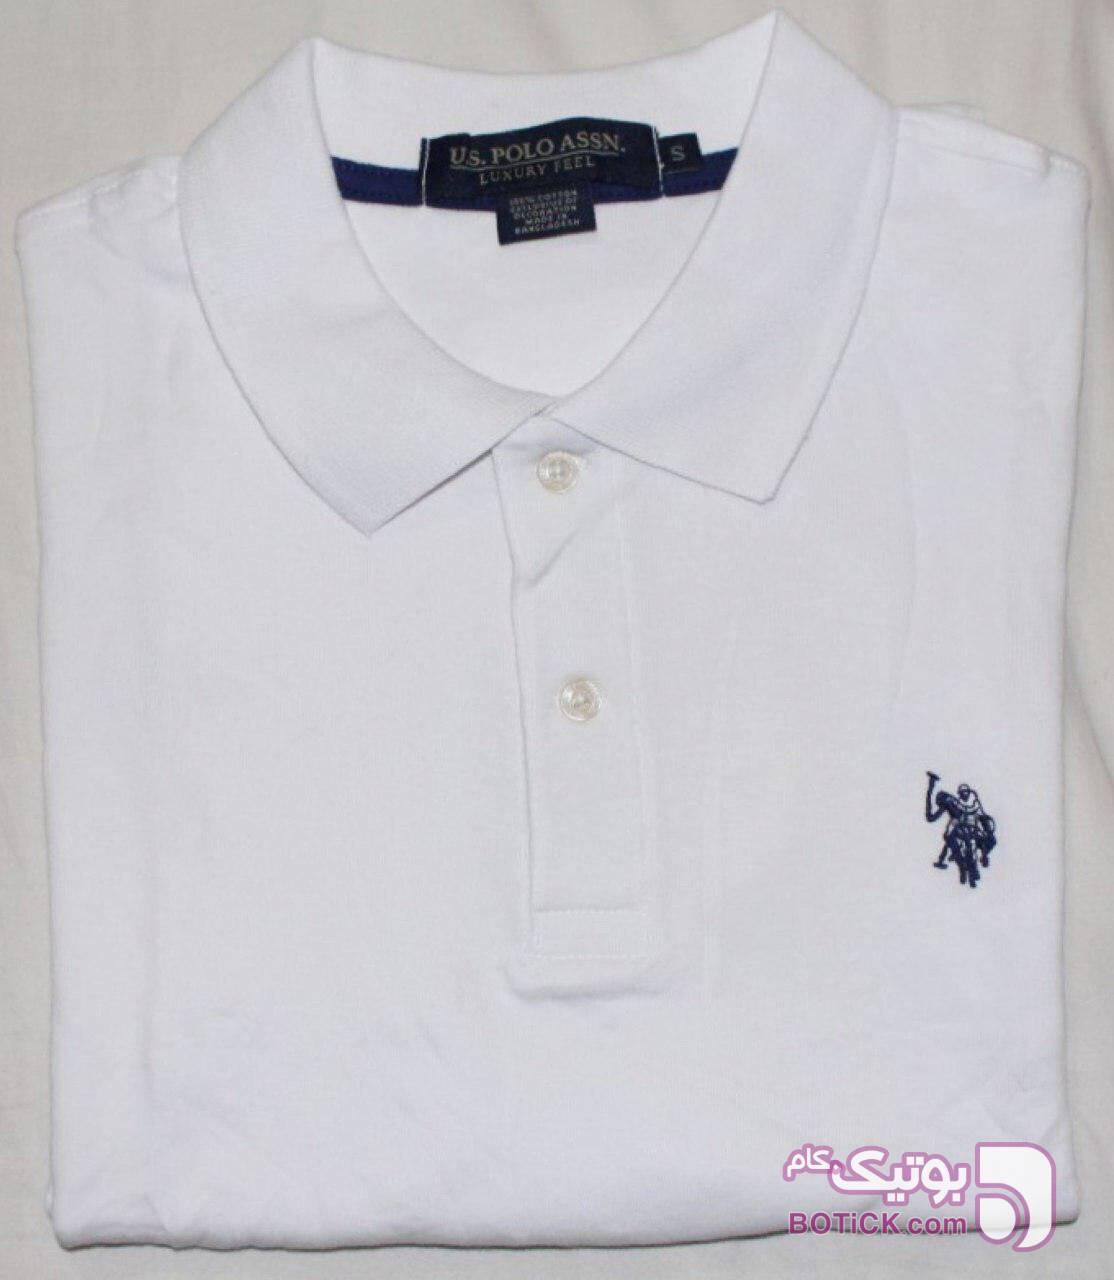 Polo سفید تی شرتو پولو شرت مردانه